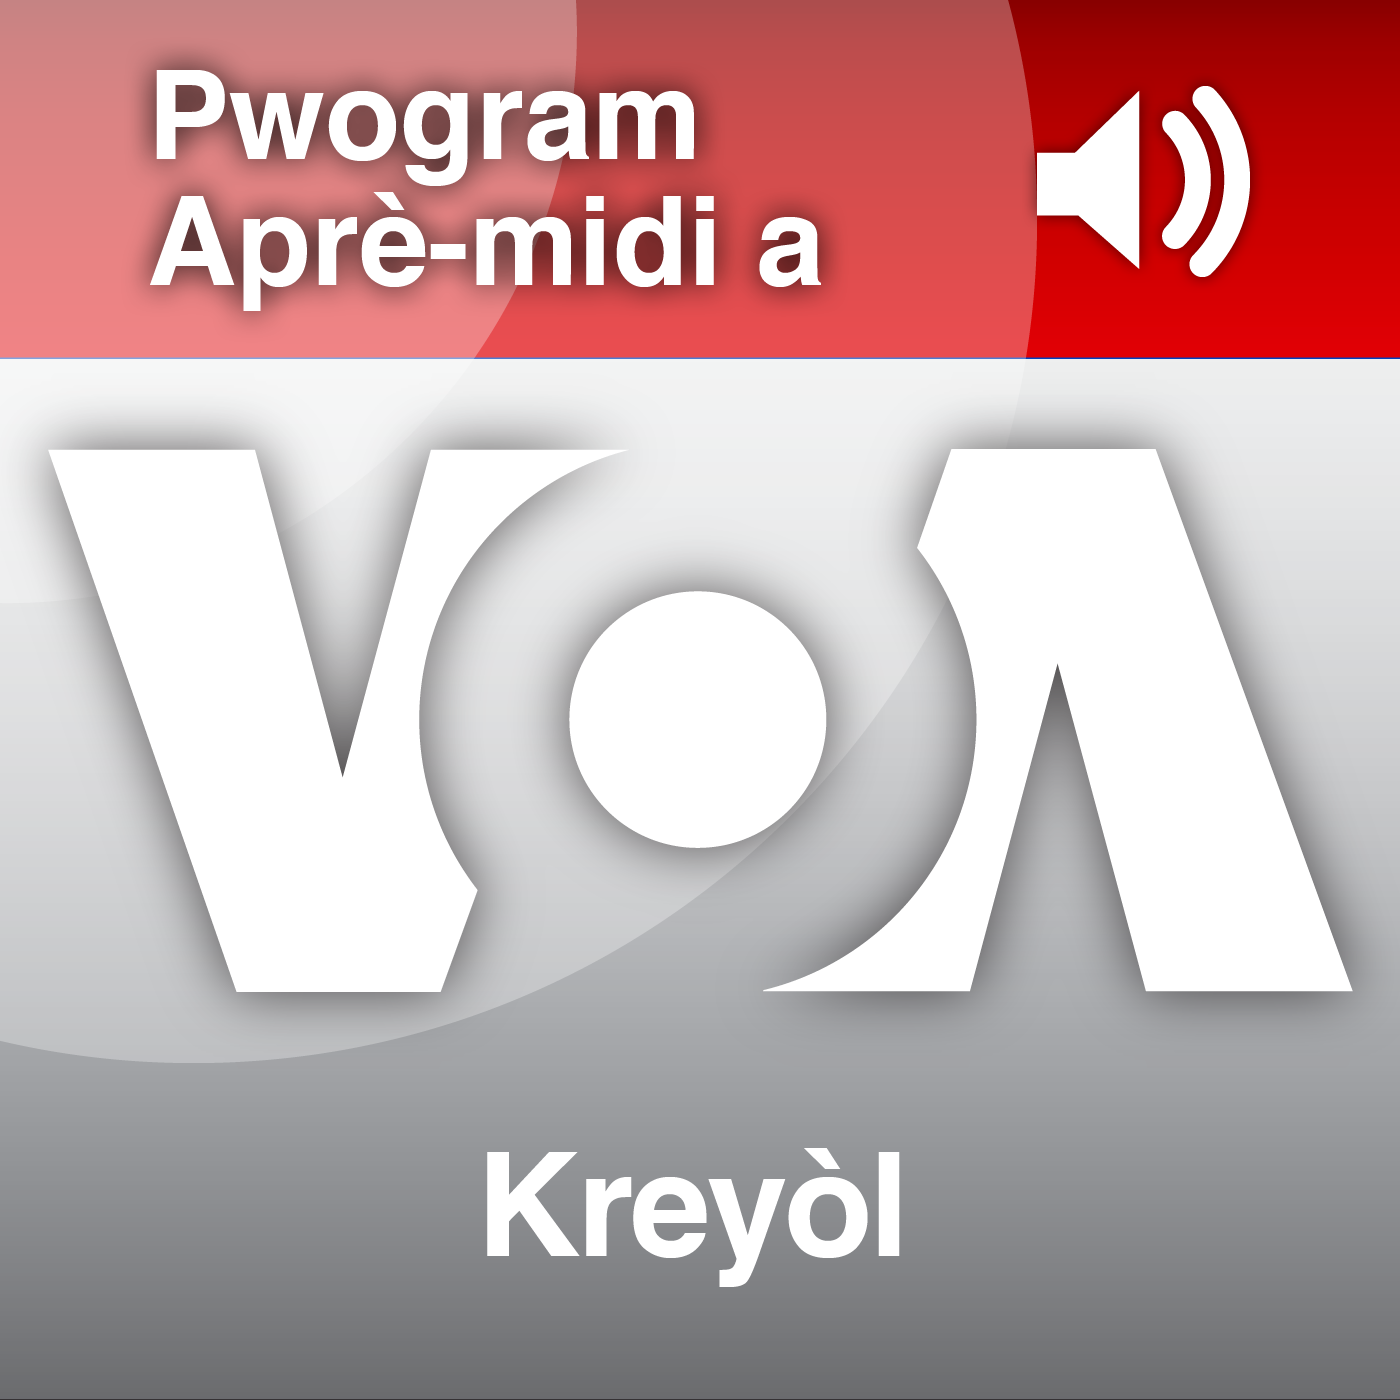 Pwogram aprè-midi a - Lavwadlamerik